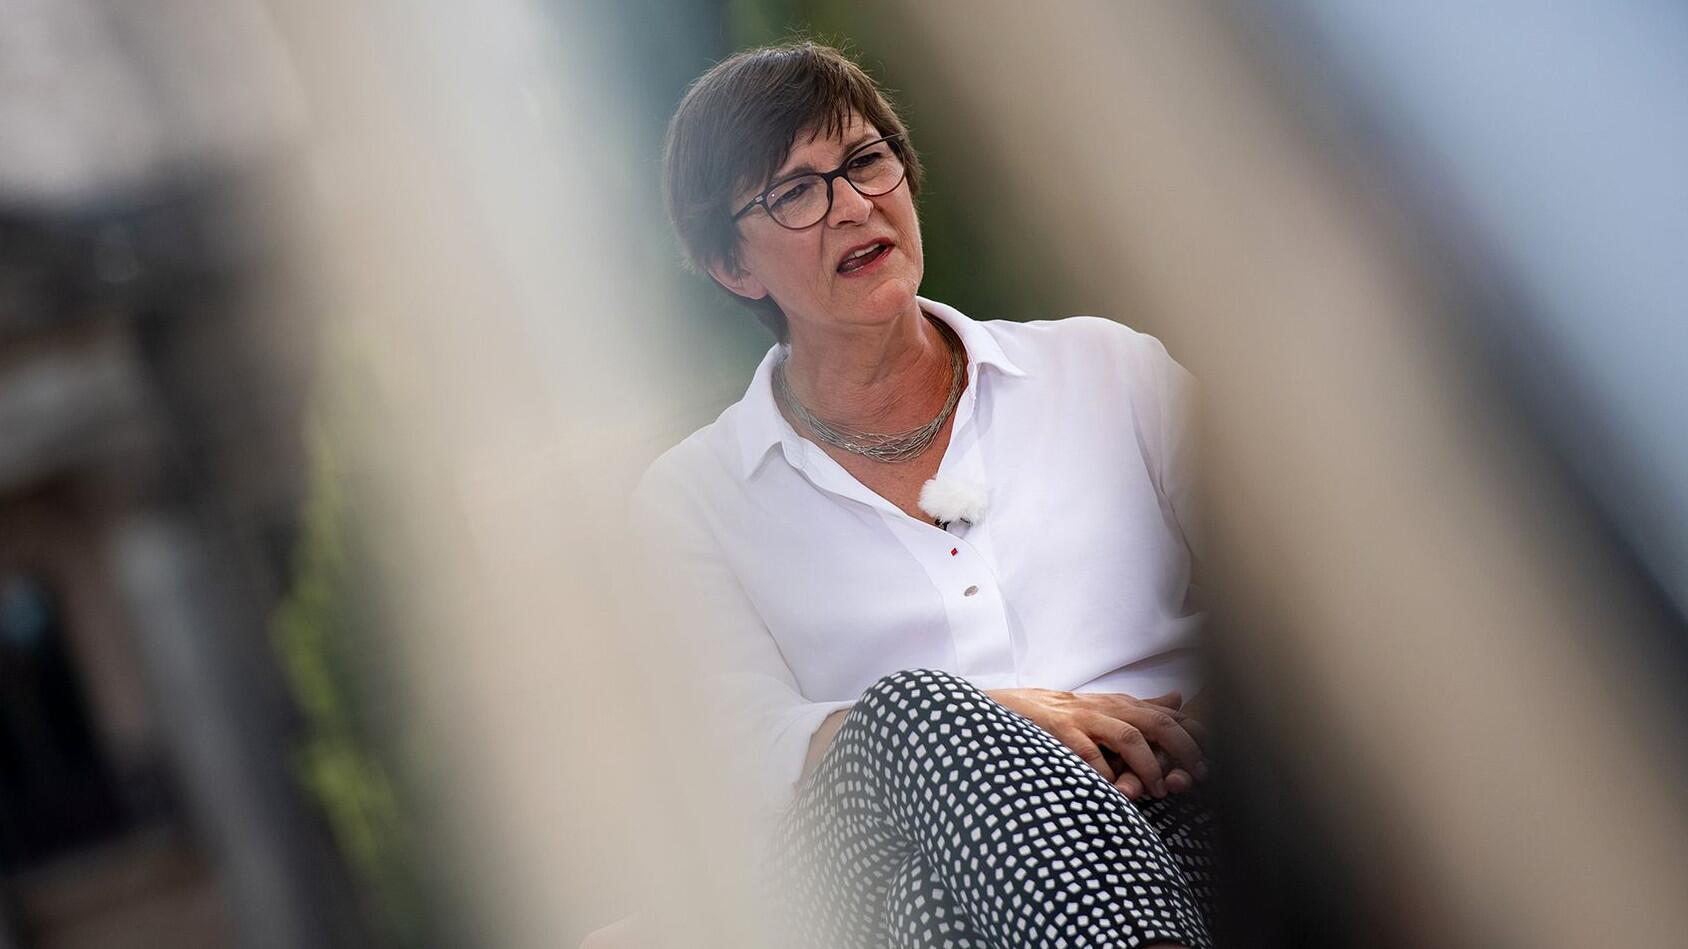 Bild zu ARD-Sommerinterview mit SPD-Chefin Esken